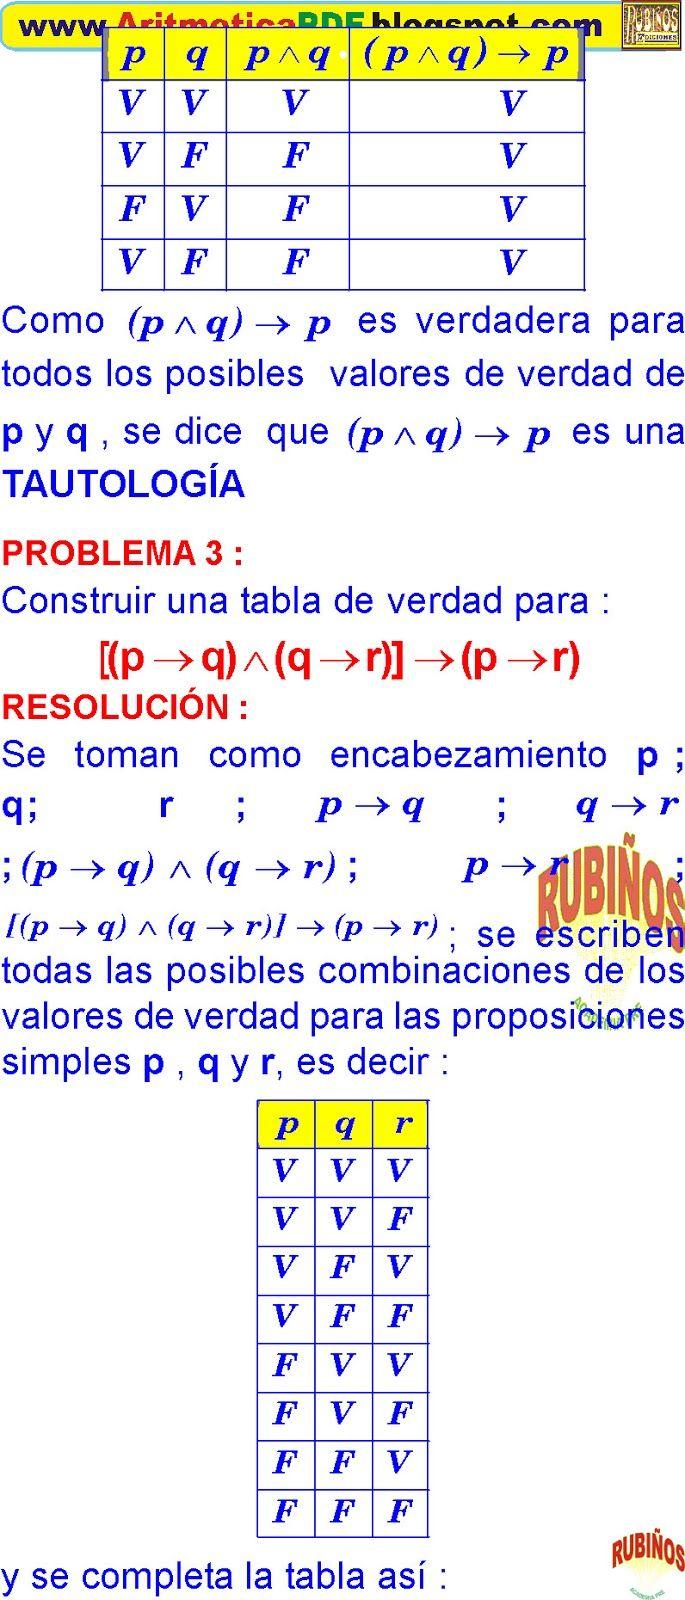 Tablas De Verdad Y Conectivos Logicos Ejercicios Resueltos Pdf Ejercicios De Tabla Ejercicios Resueltos Matematicas Simples